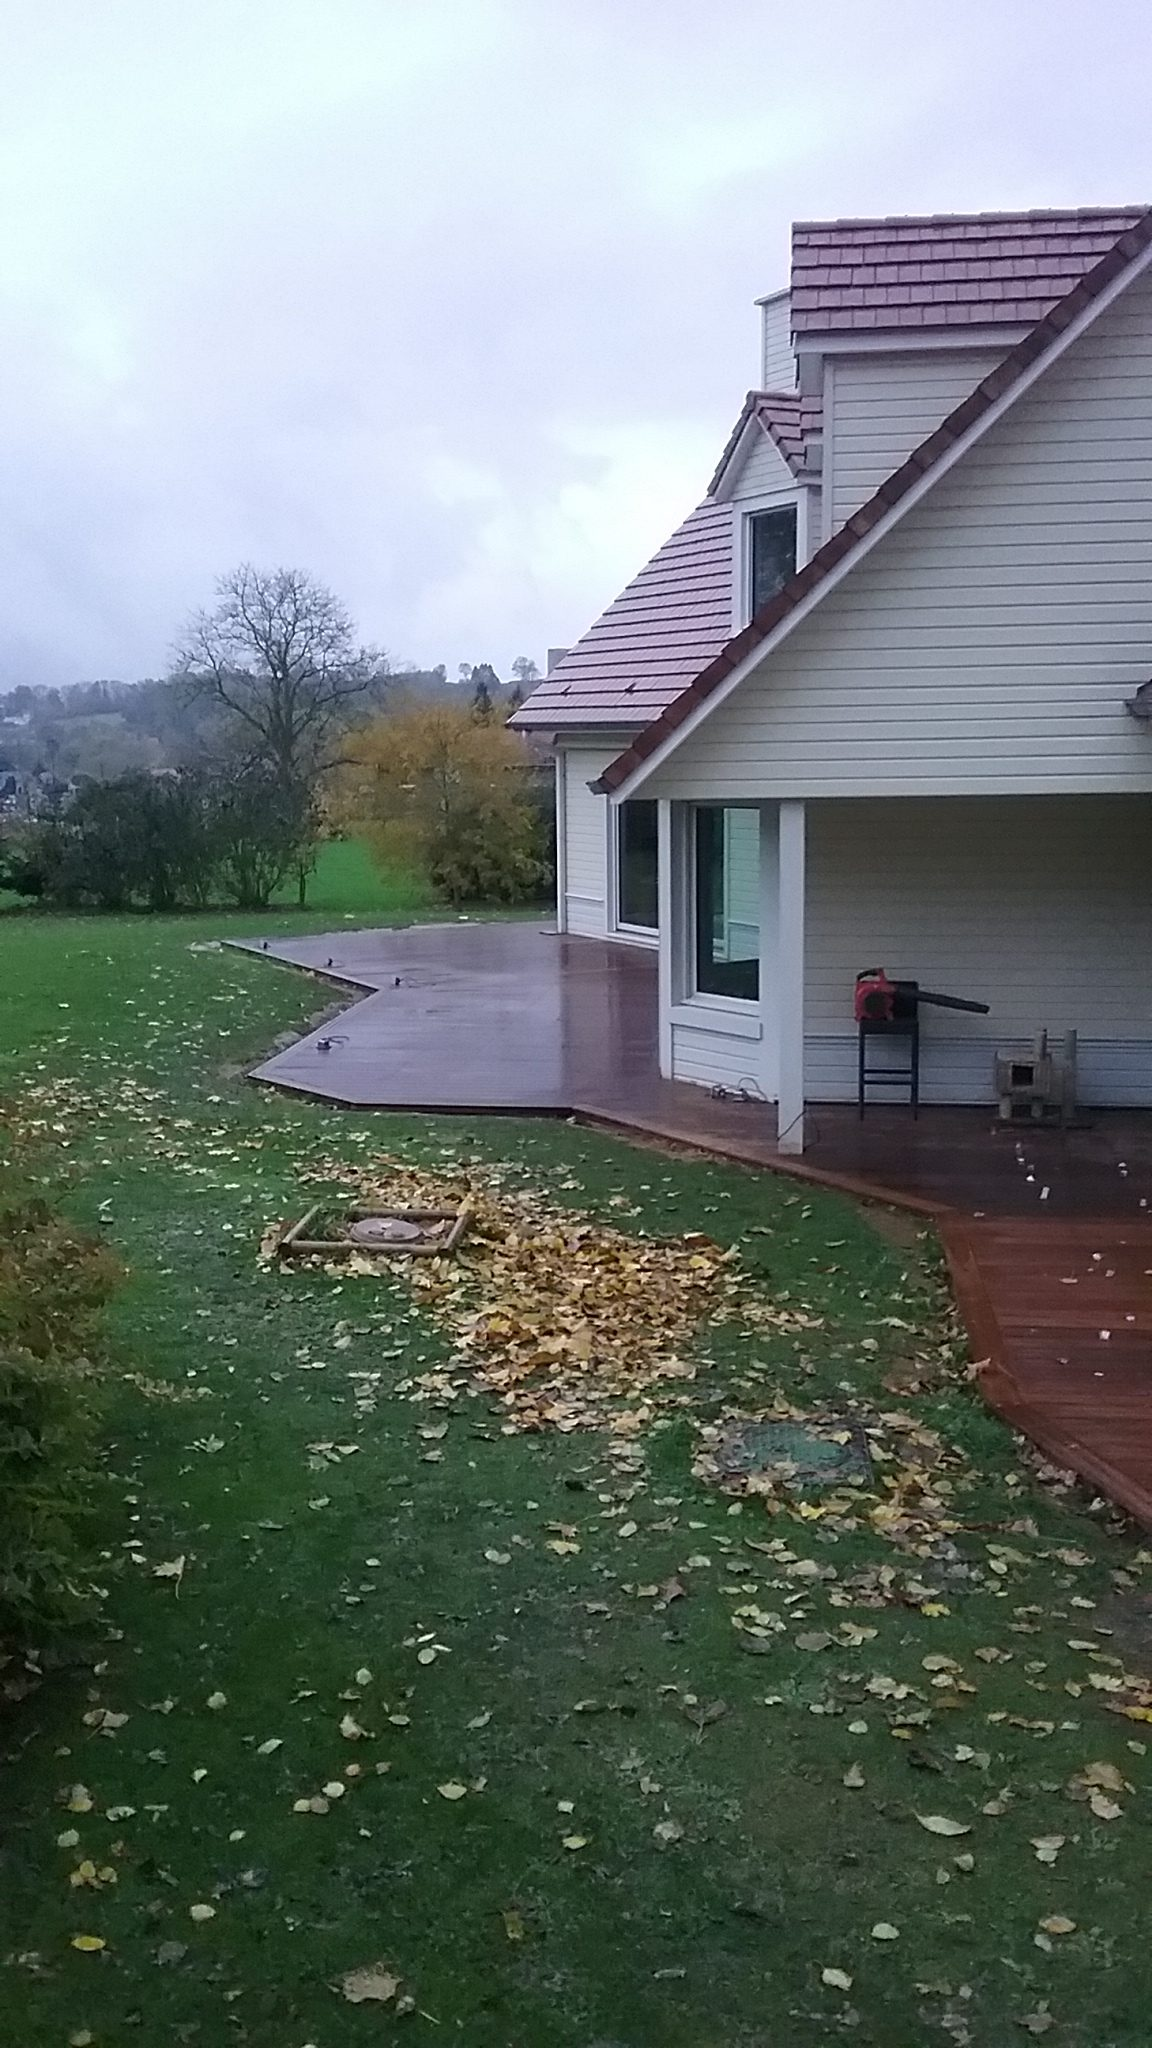 réalisation parquet terrasse bois 02100 Saint-Quentin